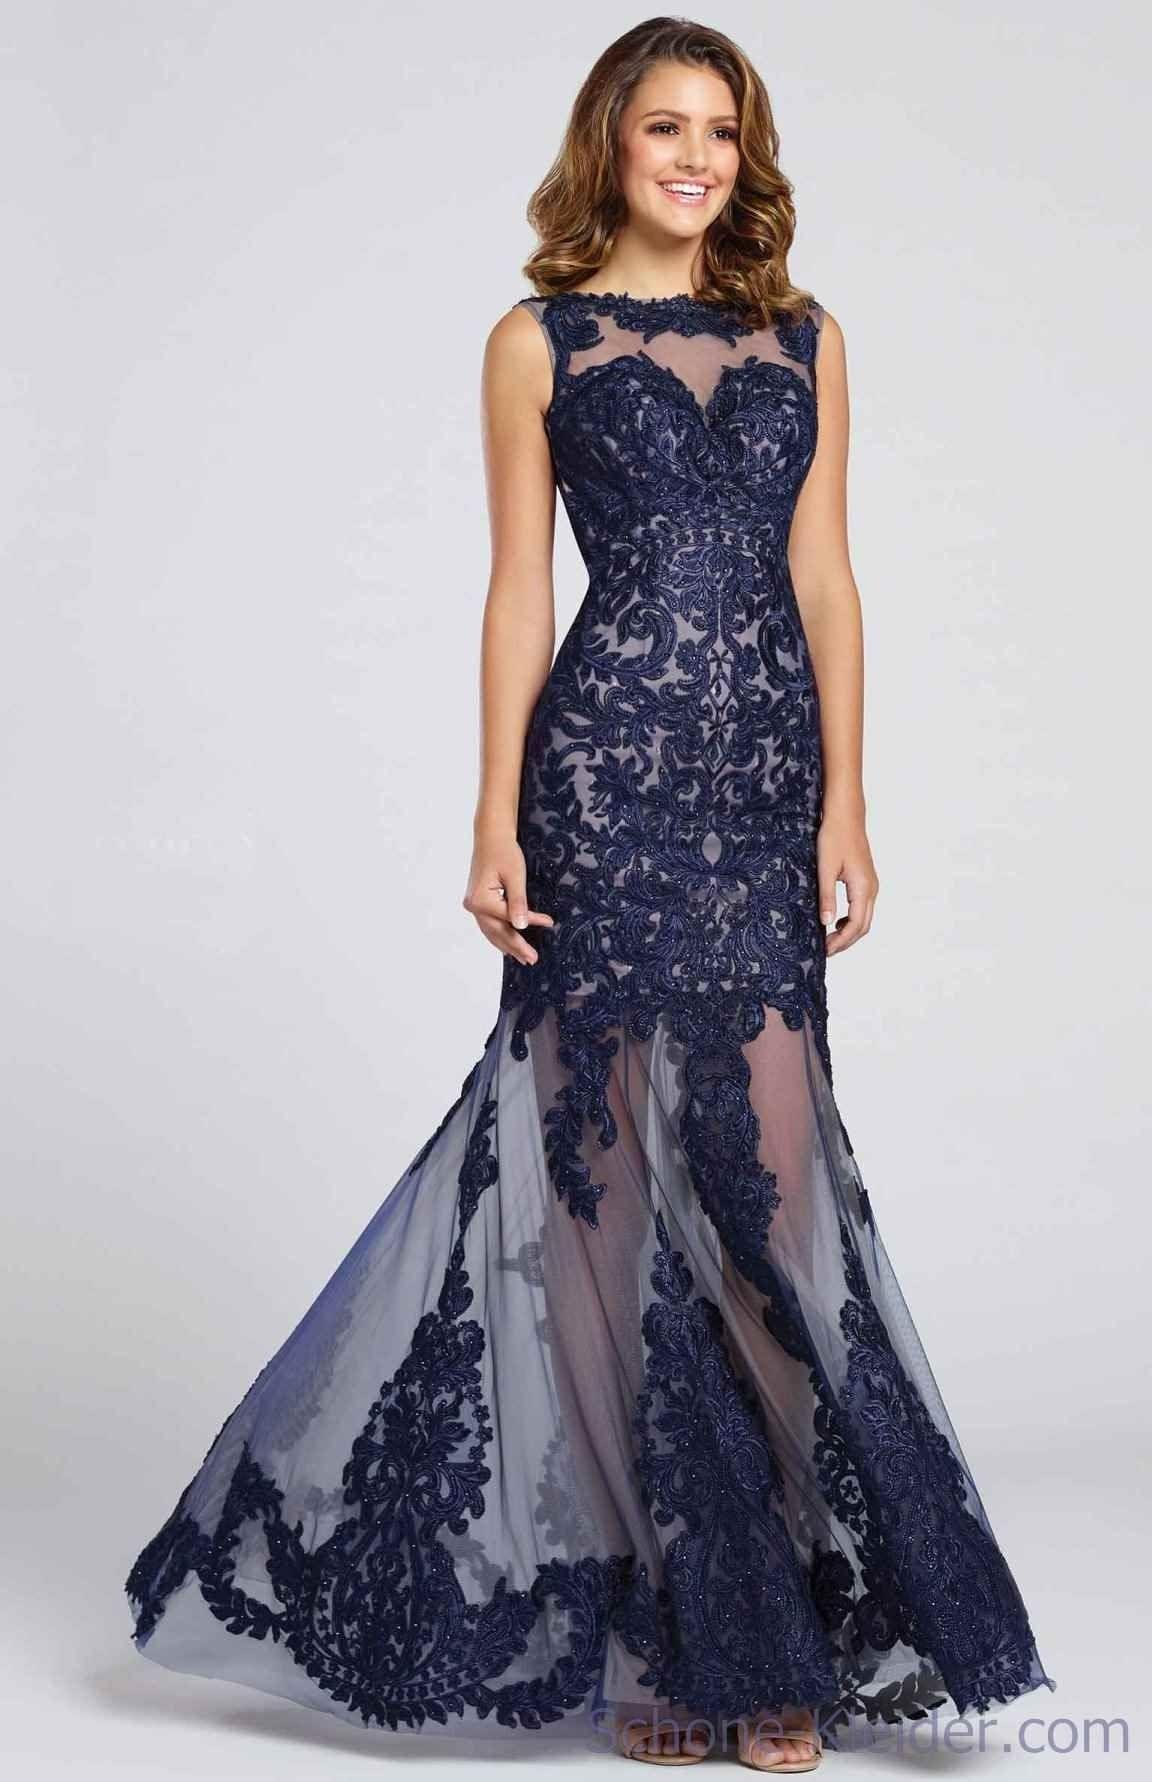 Luxus Wunderschöne Kleider für 201913 Coolste Wunderschöne Kleider Boutique